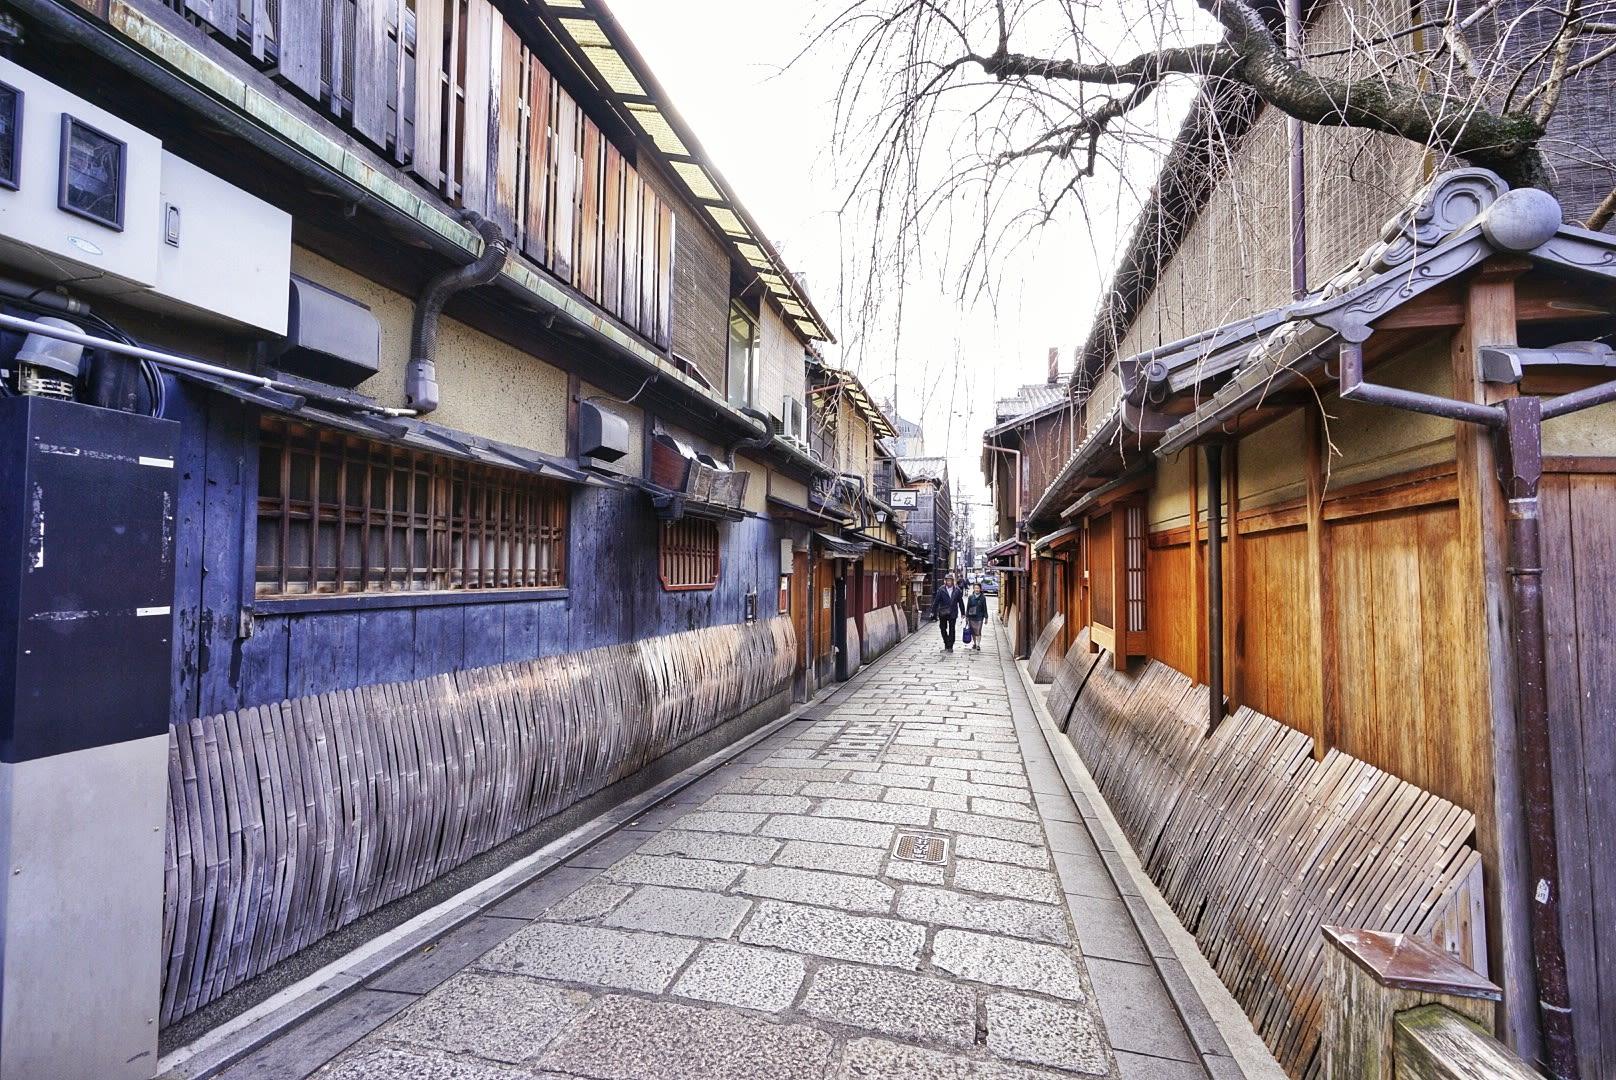 đến Gion vào sáng sớm trong lịch trình ngắm mùa thu ở kyoto